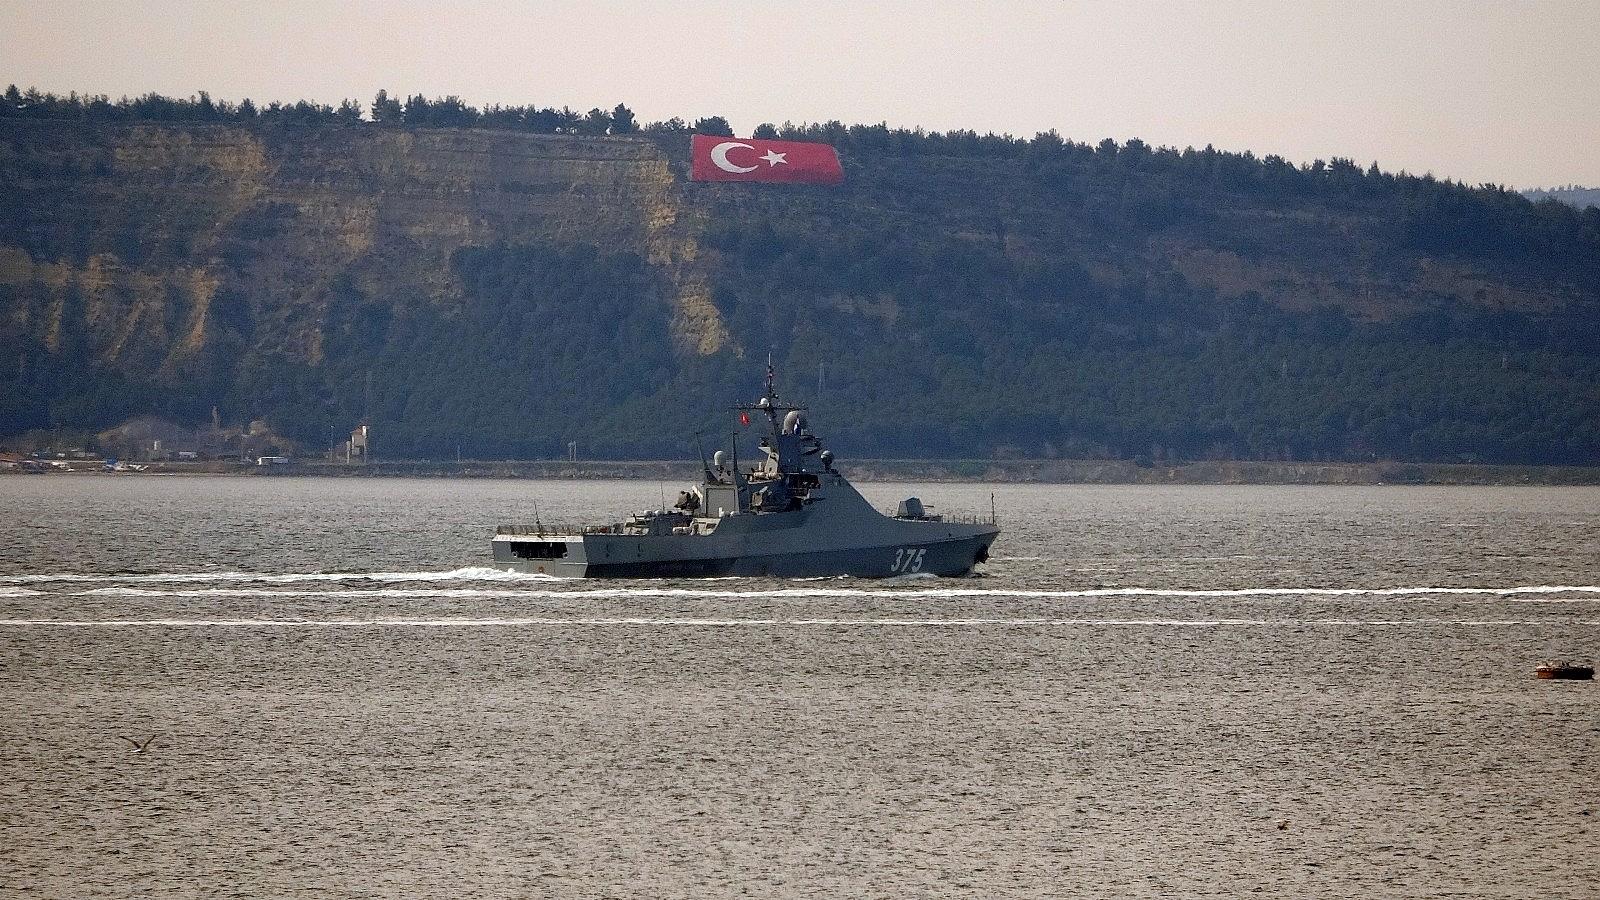 2021/04/rus-savas-gemisi-dmitry-rogachev-canakkale-bogazindan-gecti-20210402AW28-5.jpg